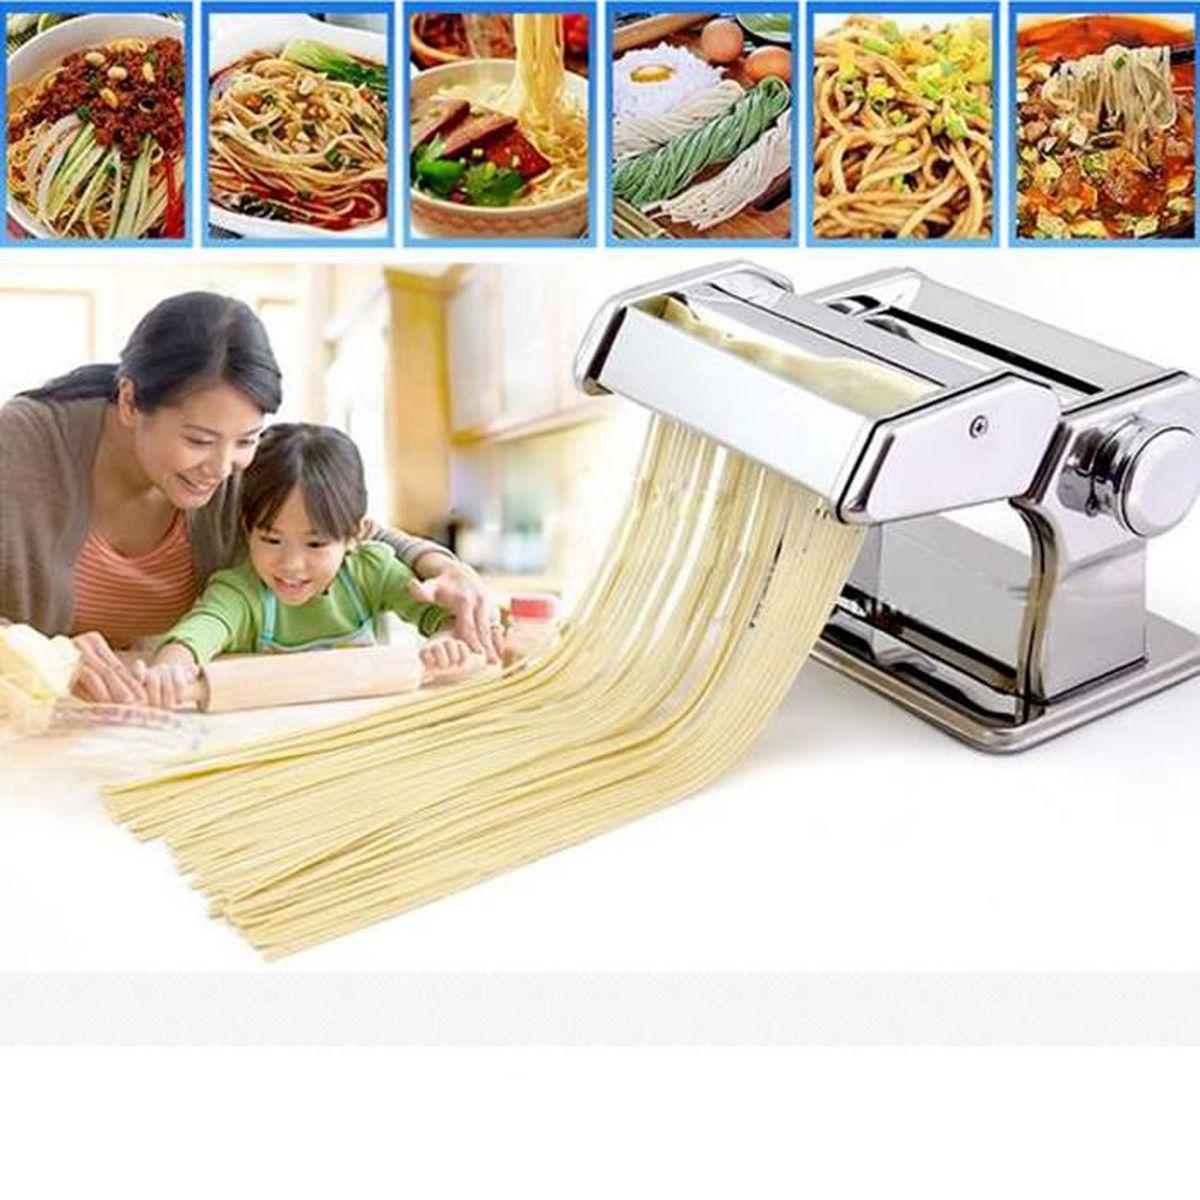 machine a lasagne achat vente machine a lasagne pas cher cdiscount. Black Bedroom Furniture Sets. Home Design Ideas